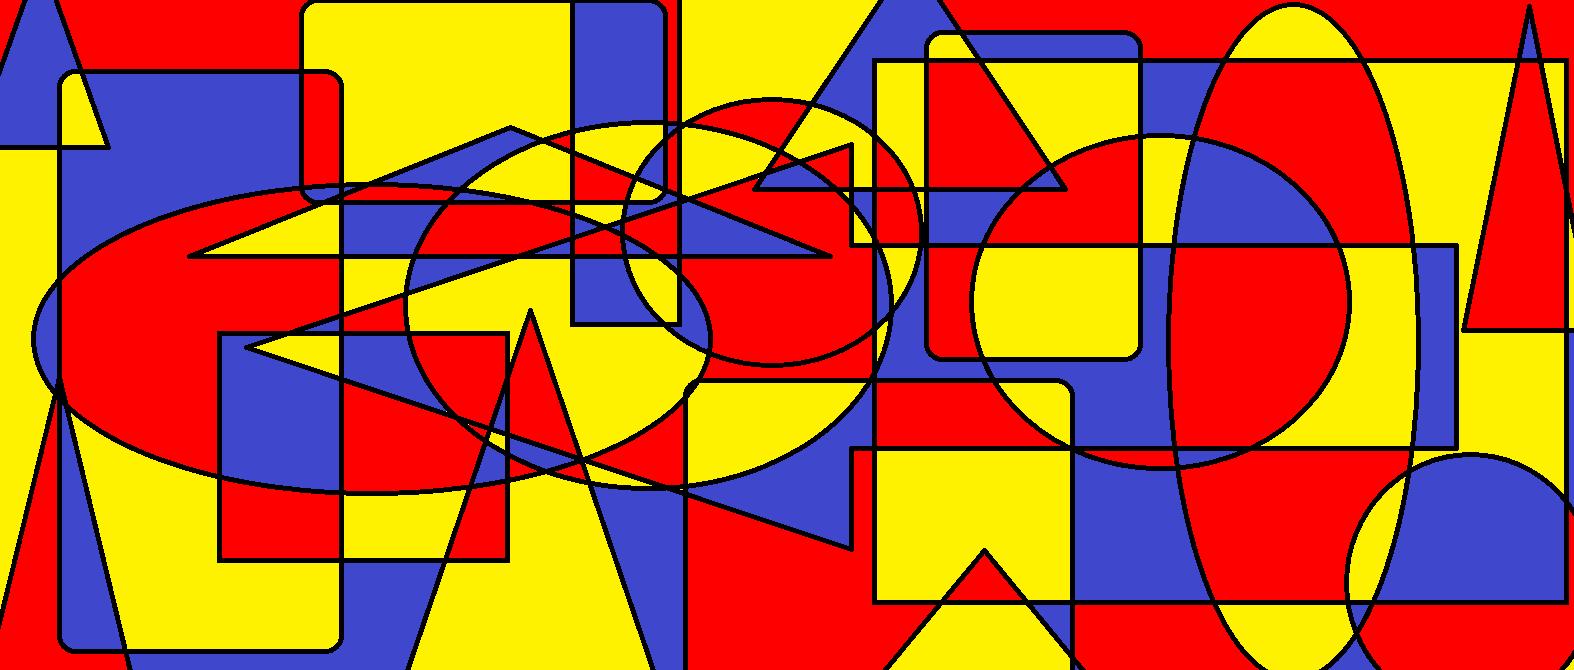 geometric hide and seek